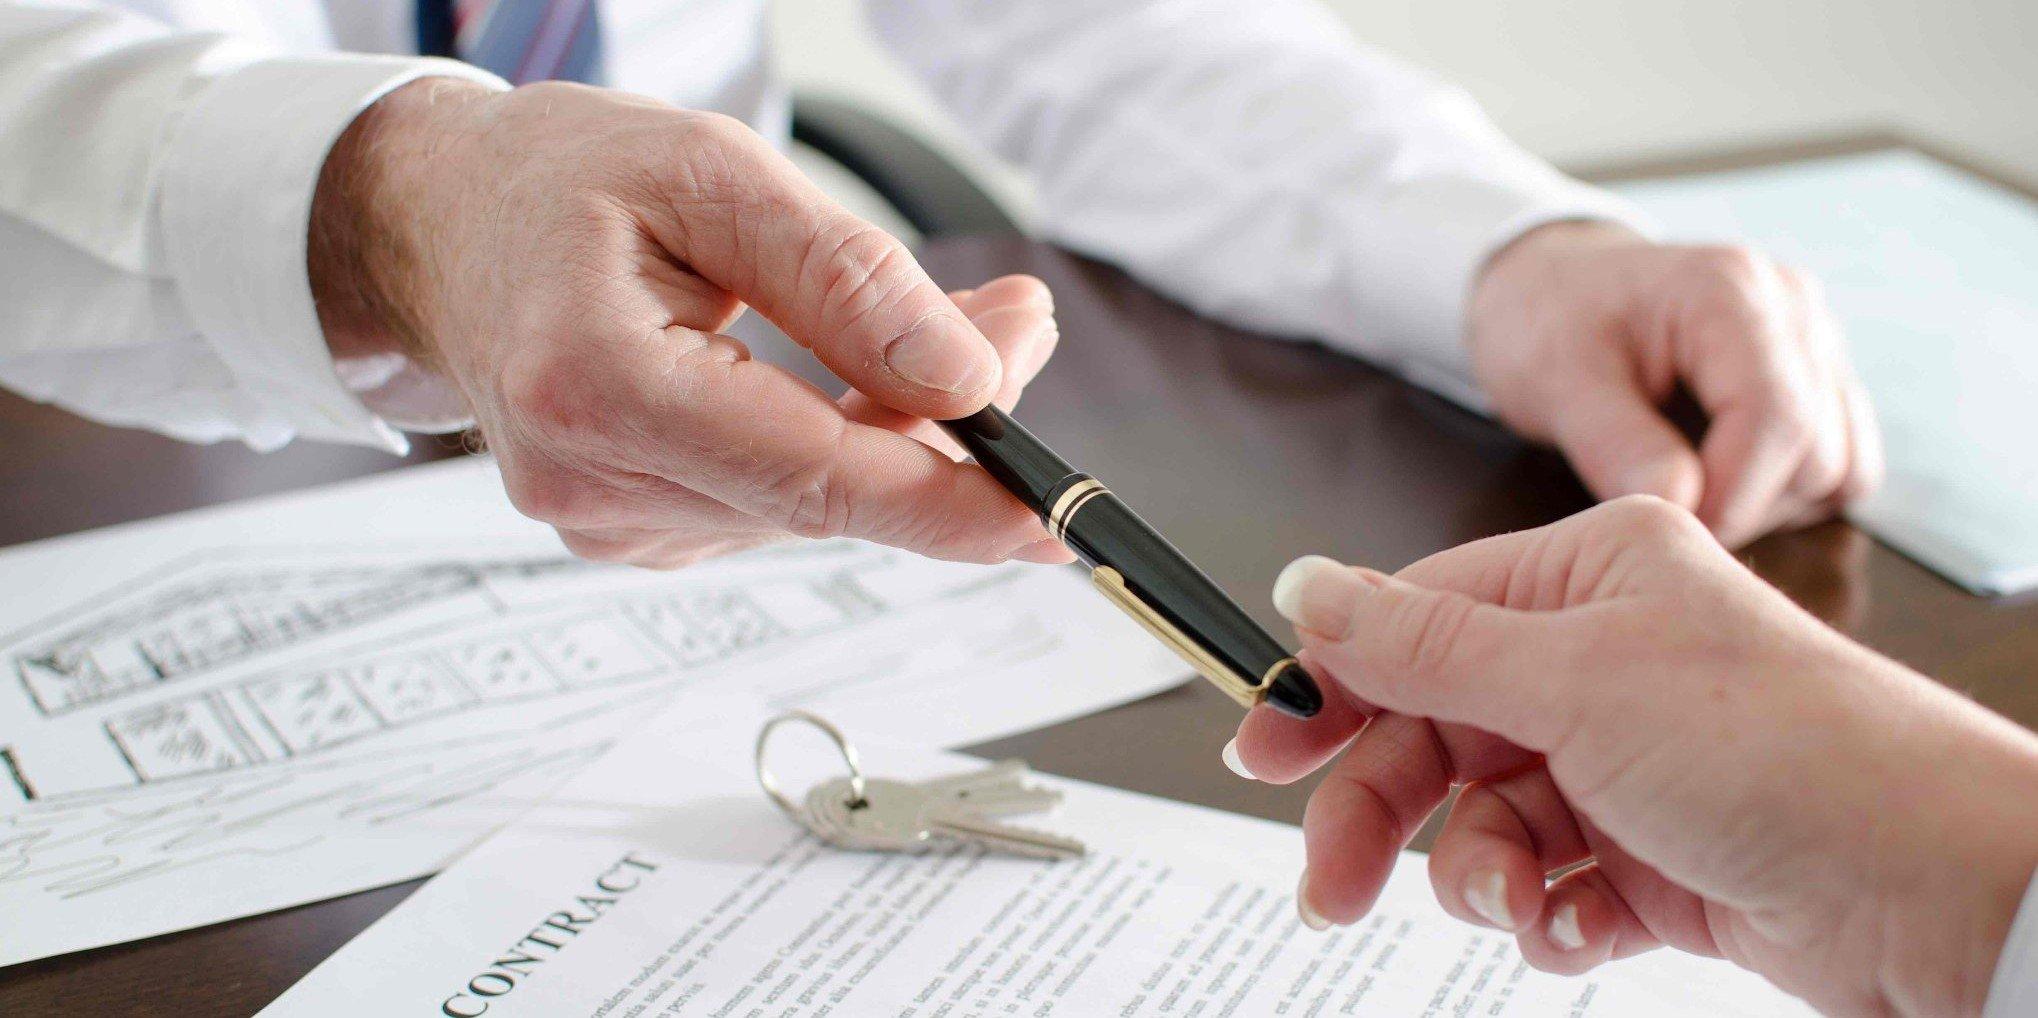 Как проверить право подписи заказчика иллюстрация